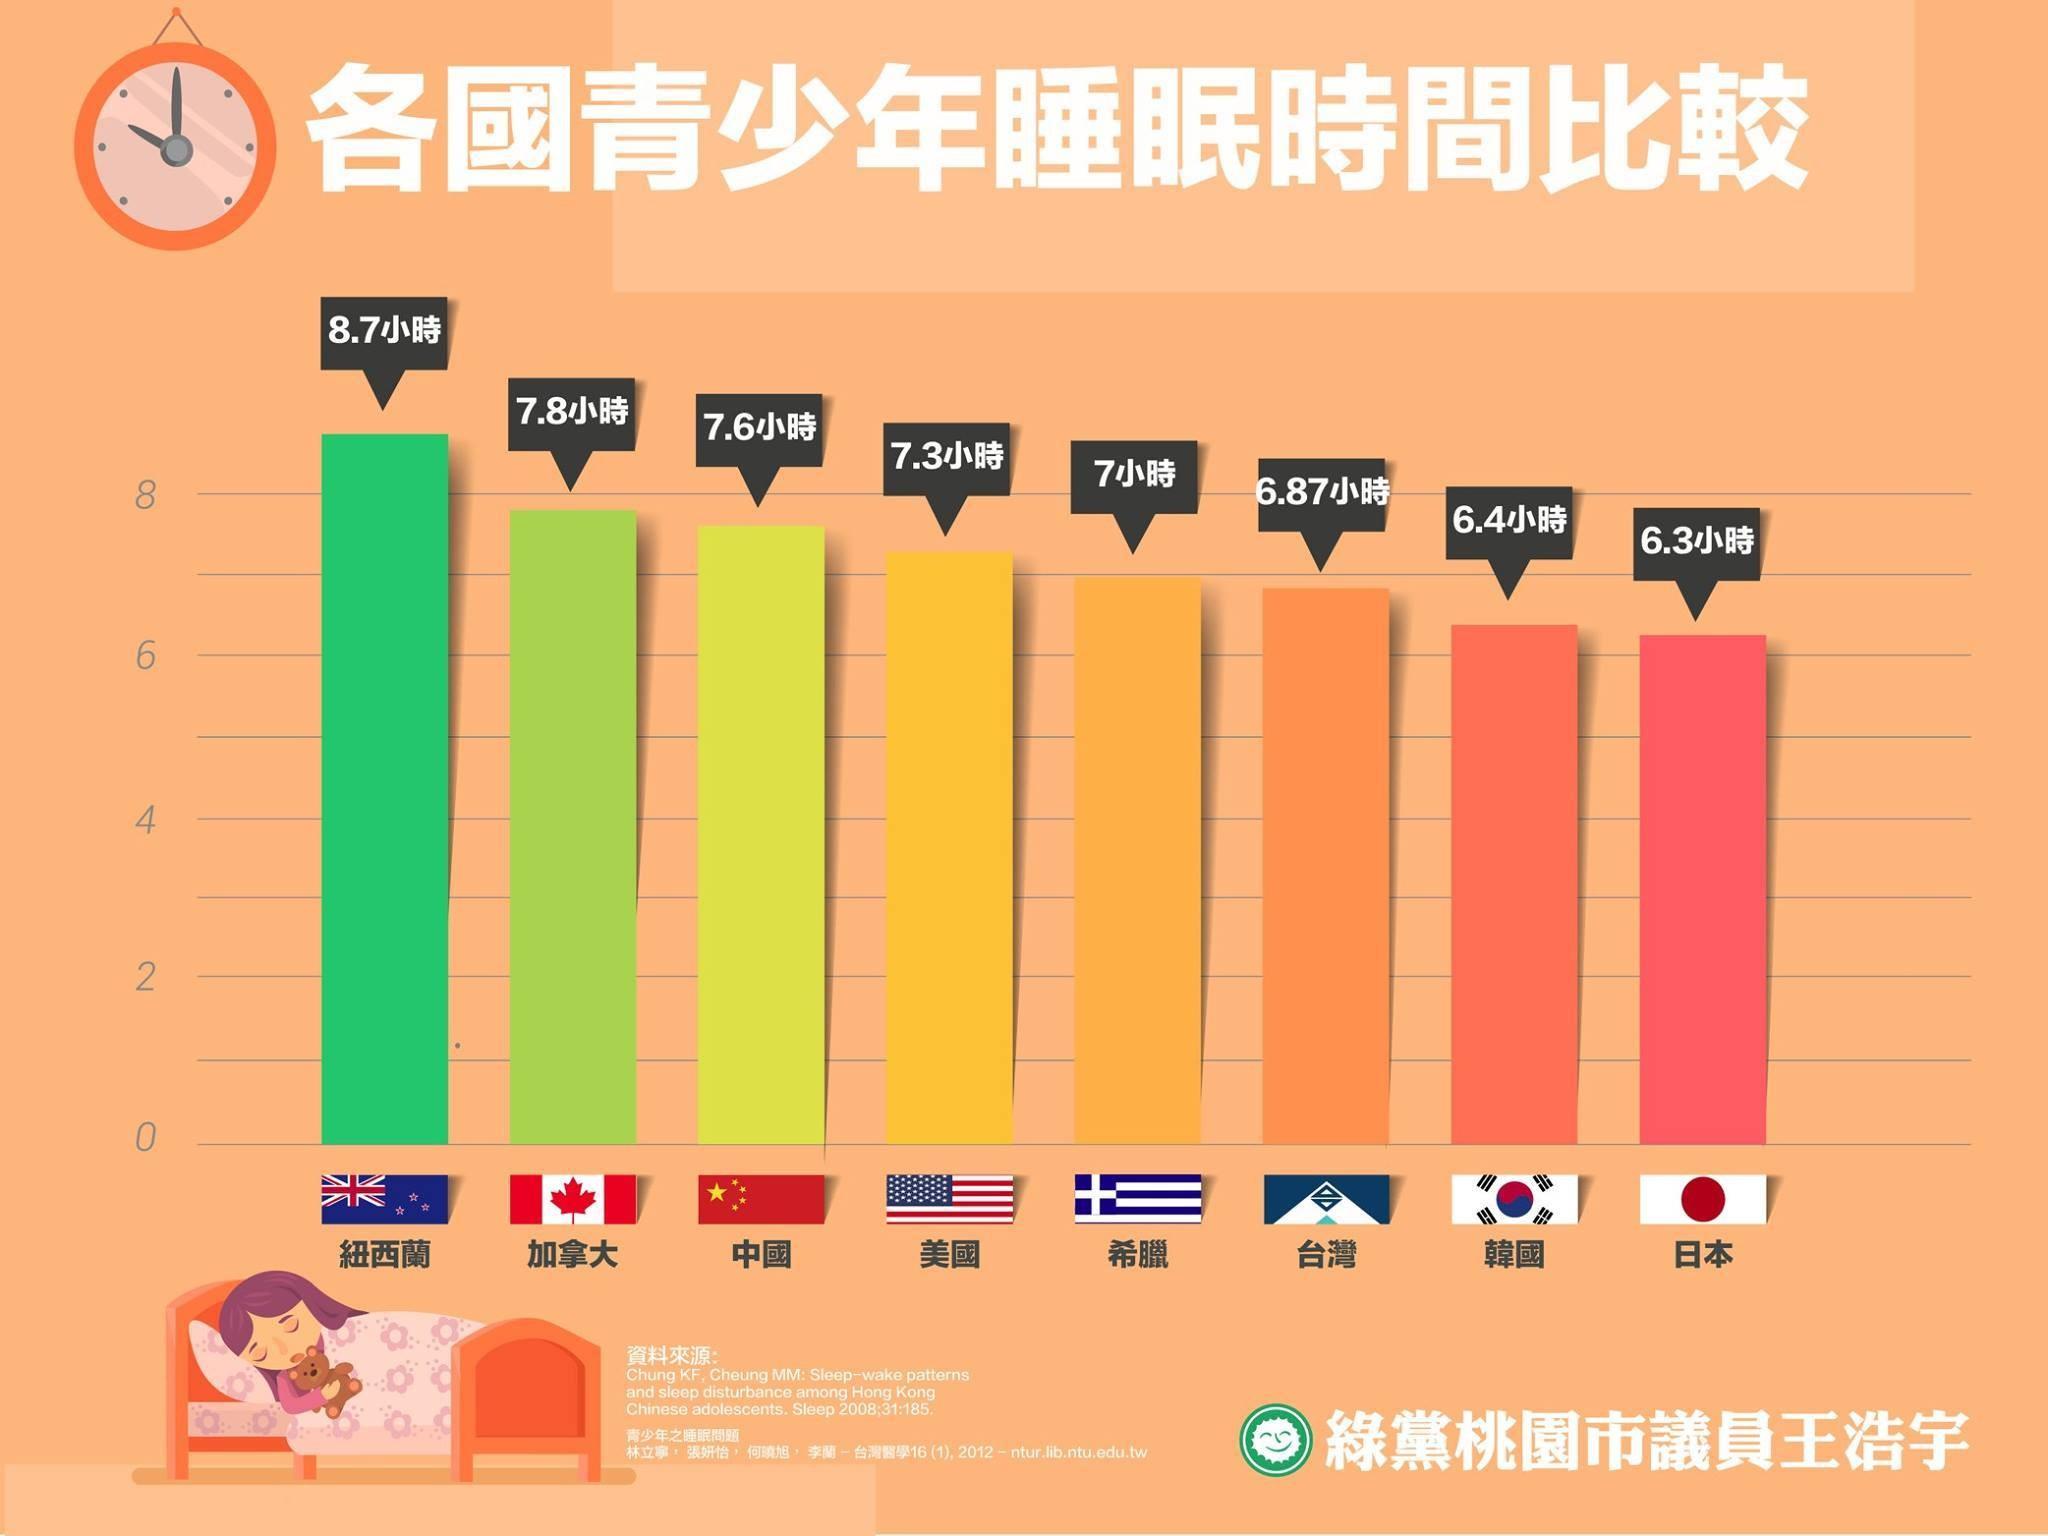 焦点却在台湾 国旗图片